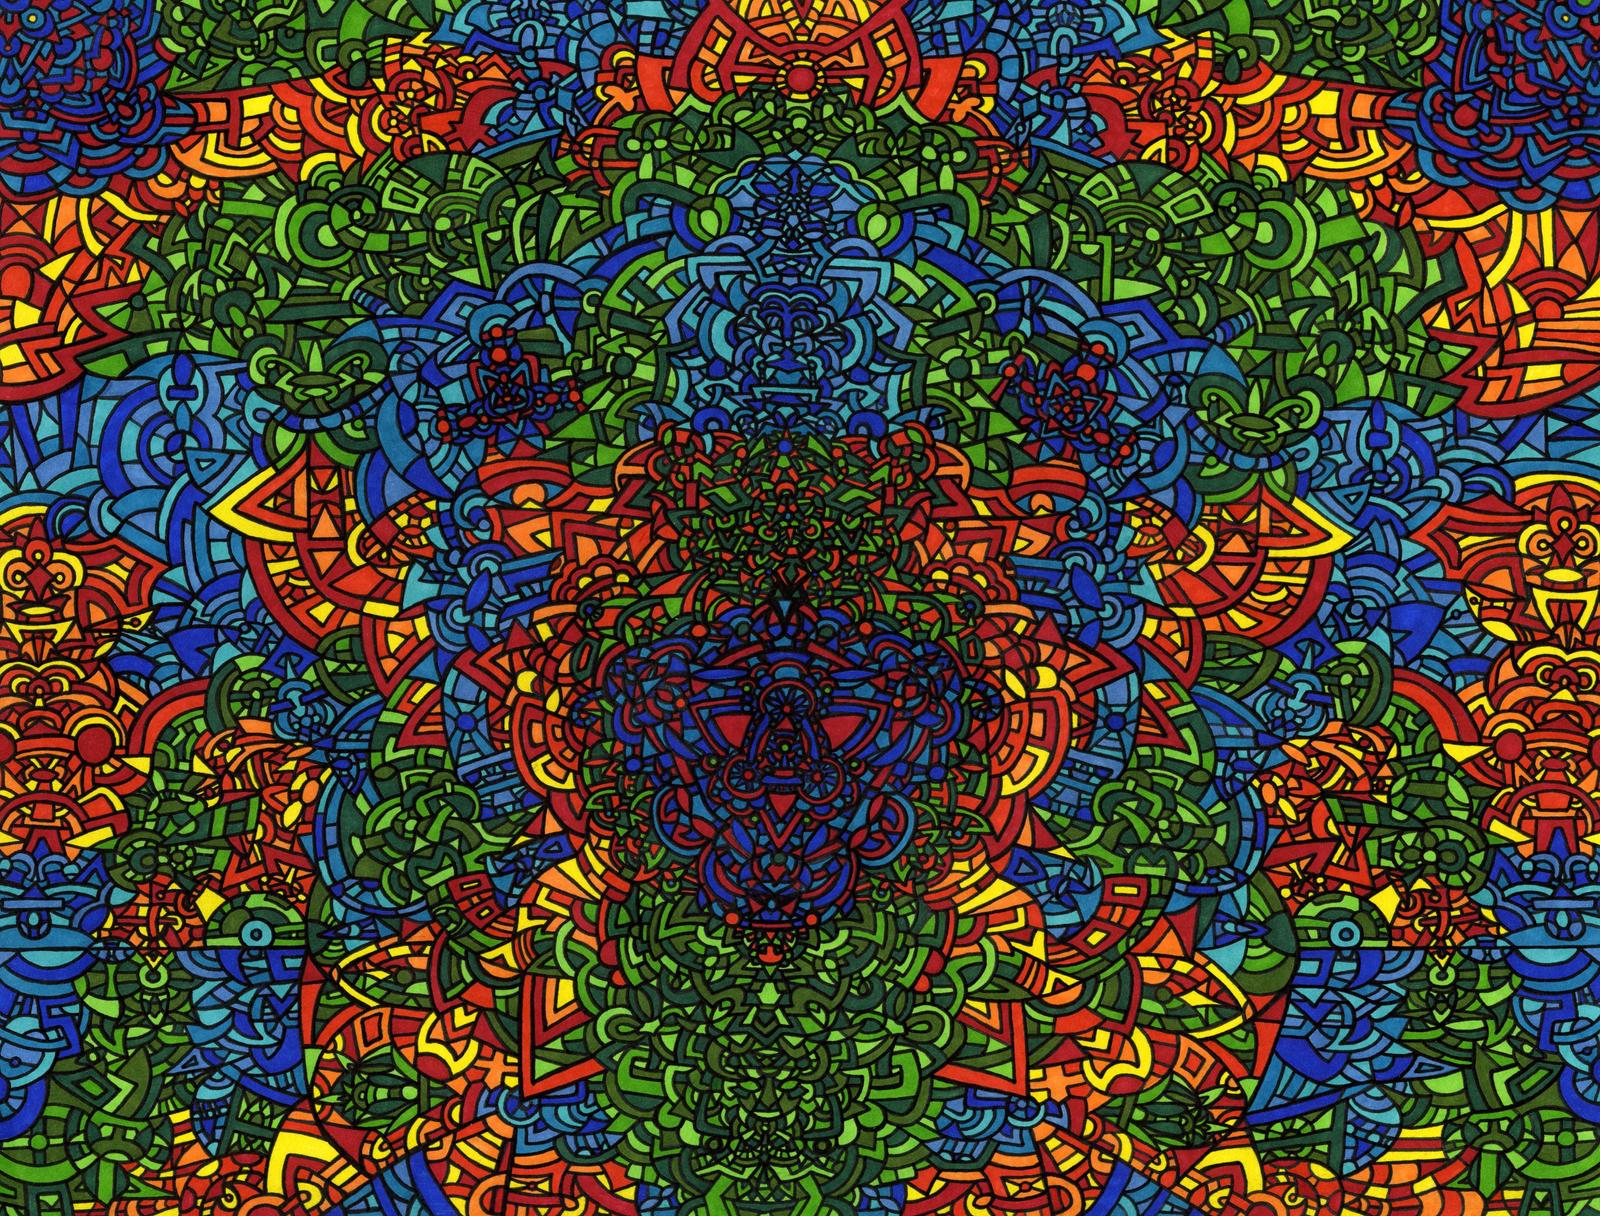 Chemistryangulation by TheJeffAnema